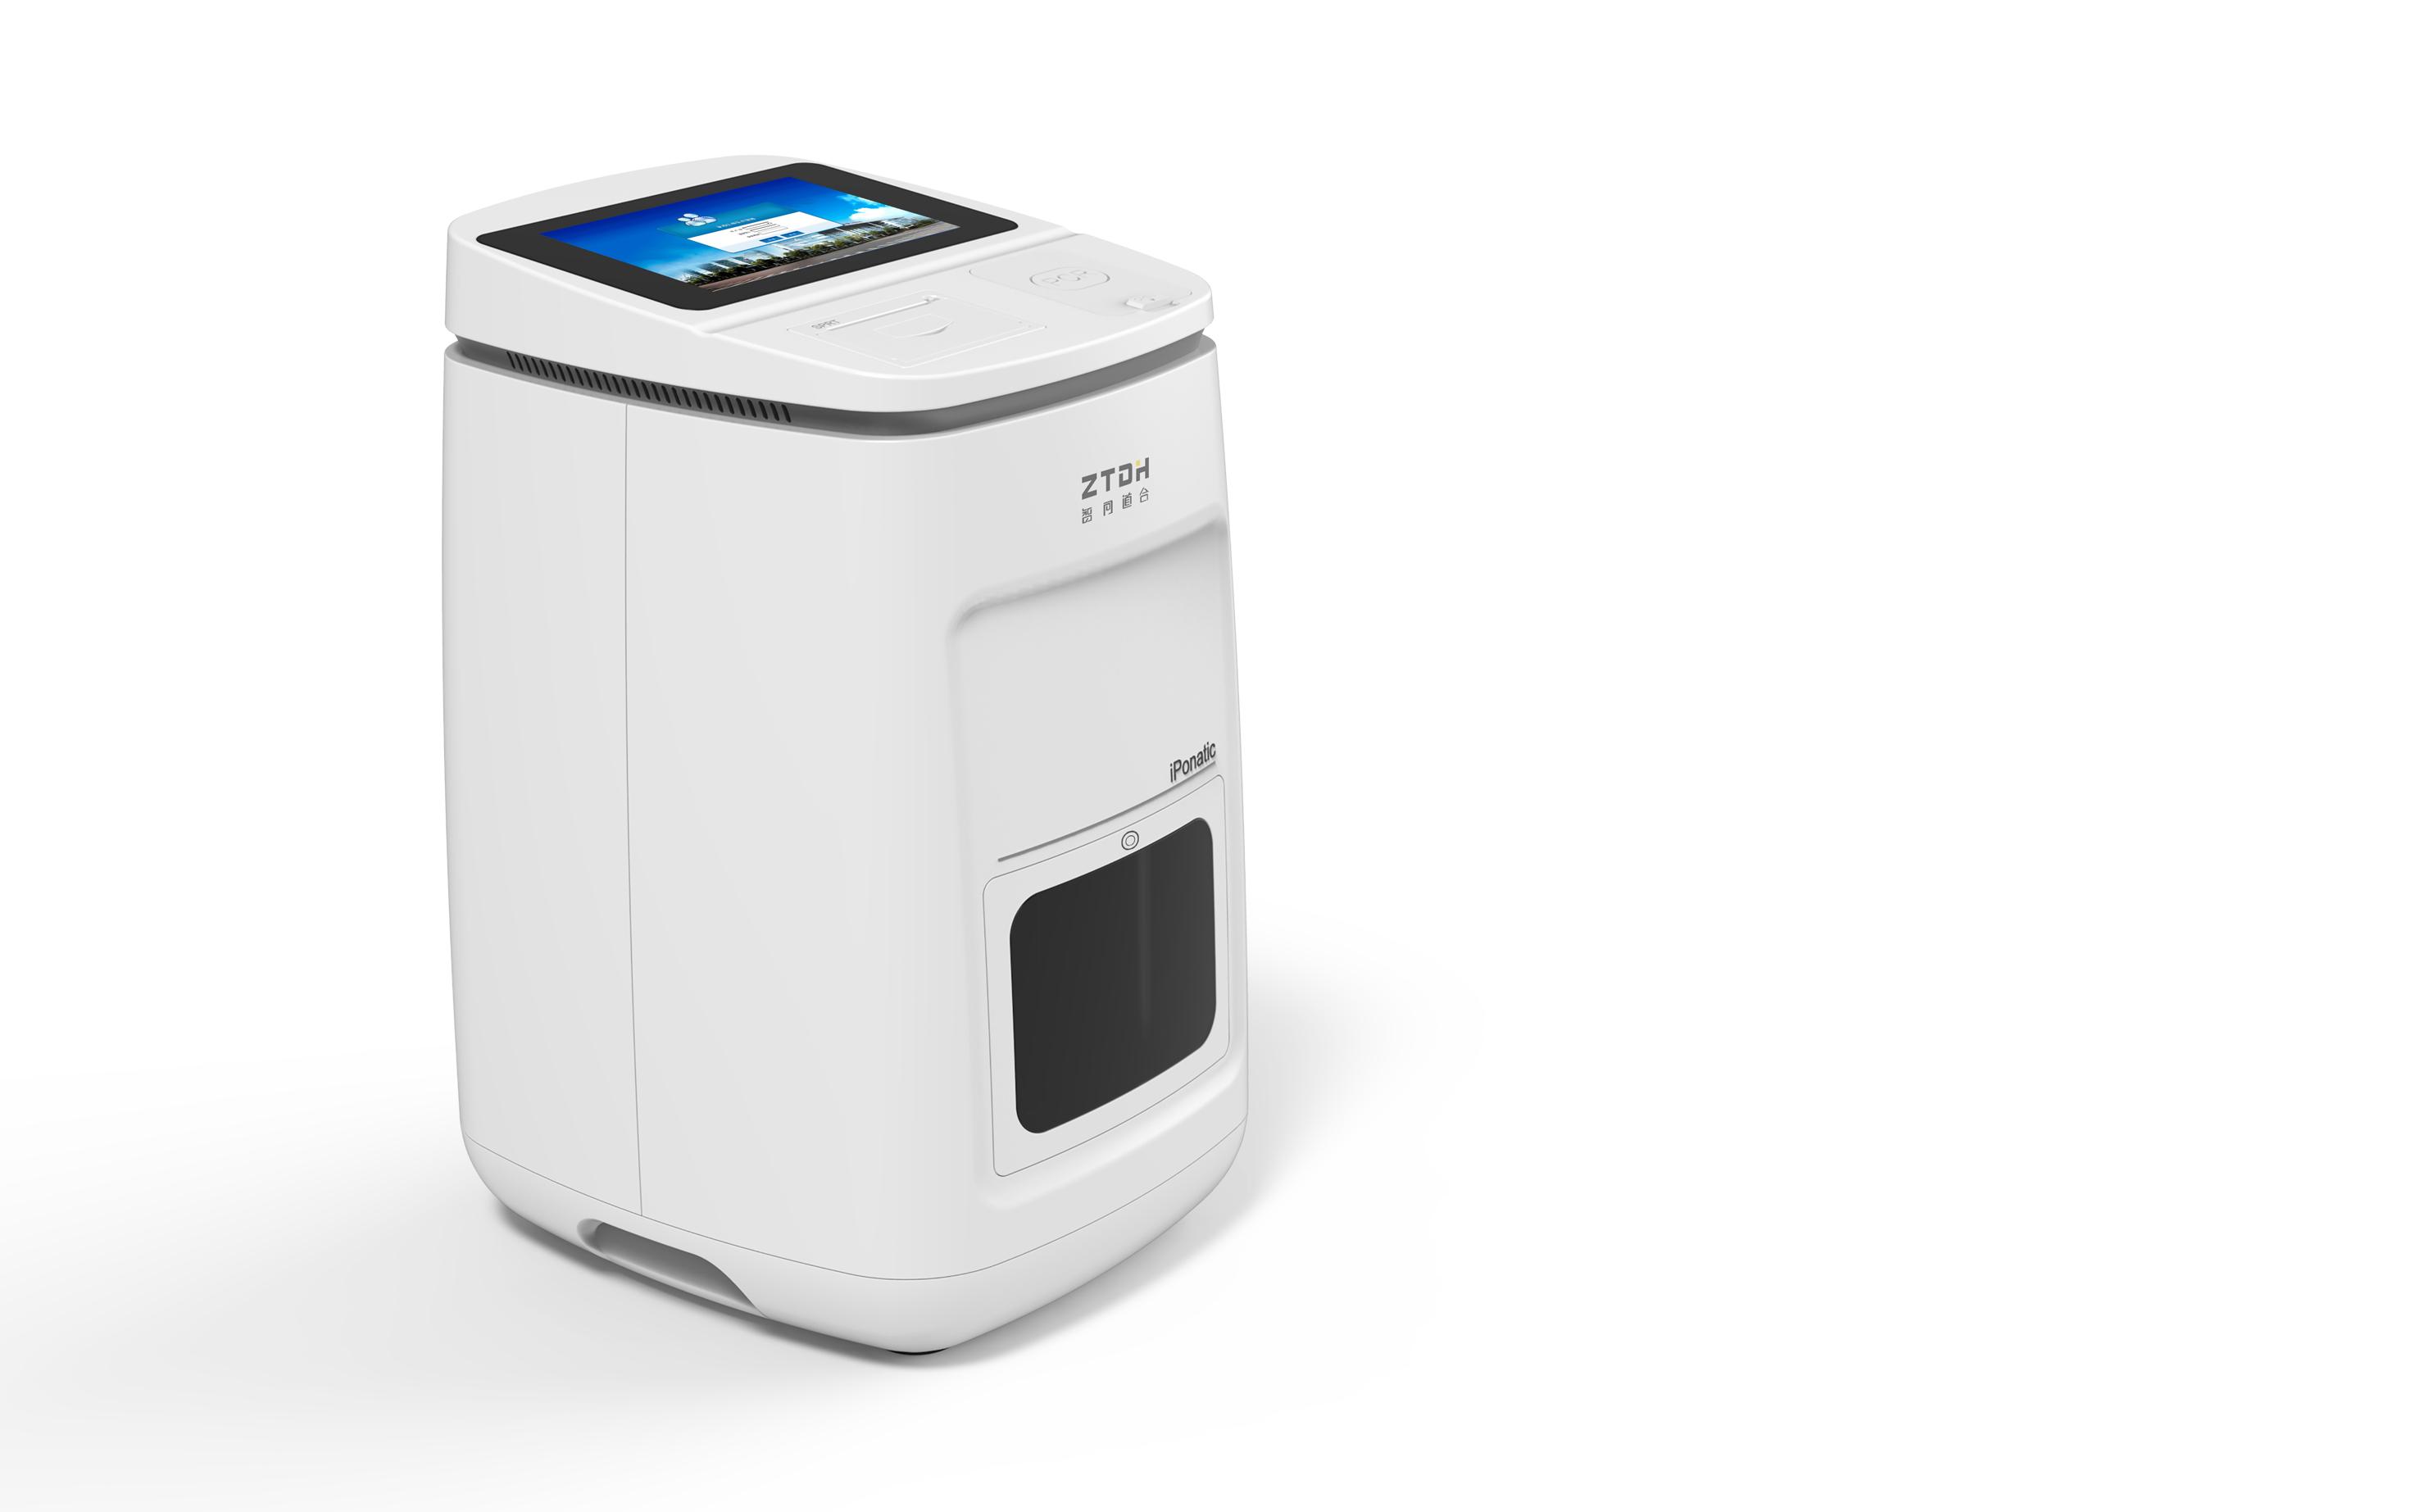 便携式全自动核酸提取仪分子诊断基因检测仪DNA测序仪医疗设计